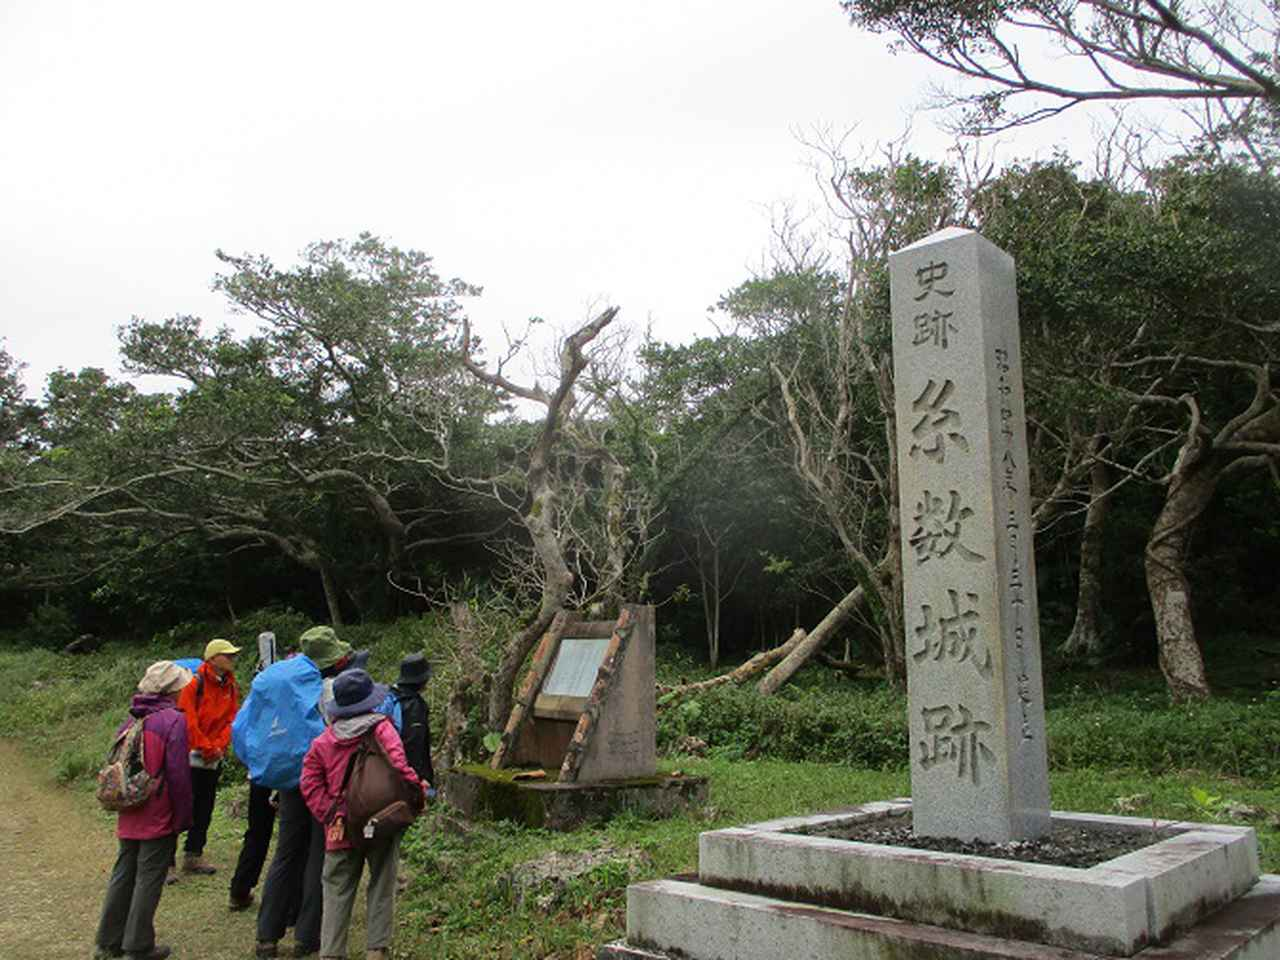 画像2: 岡田ガイドのコースで1月29日から31日に 沖縄 へ行って来ました♪